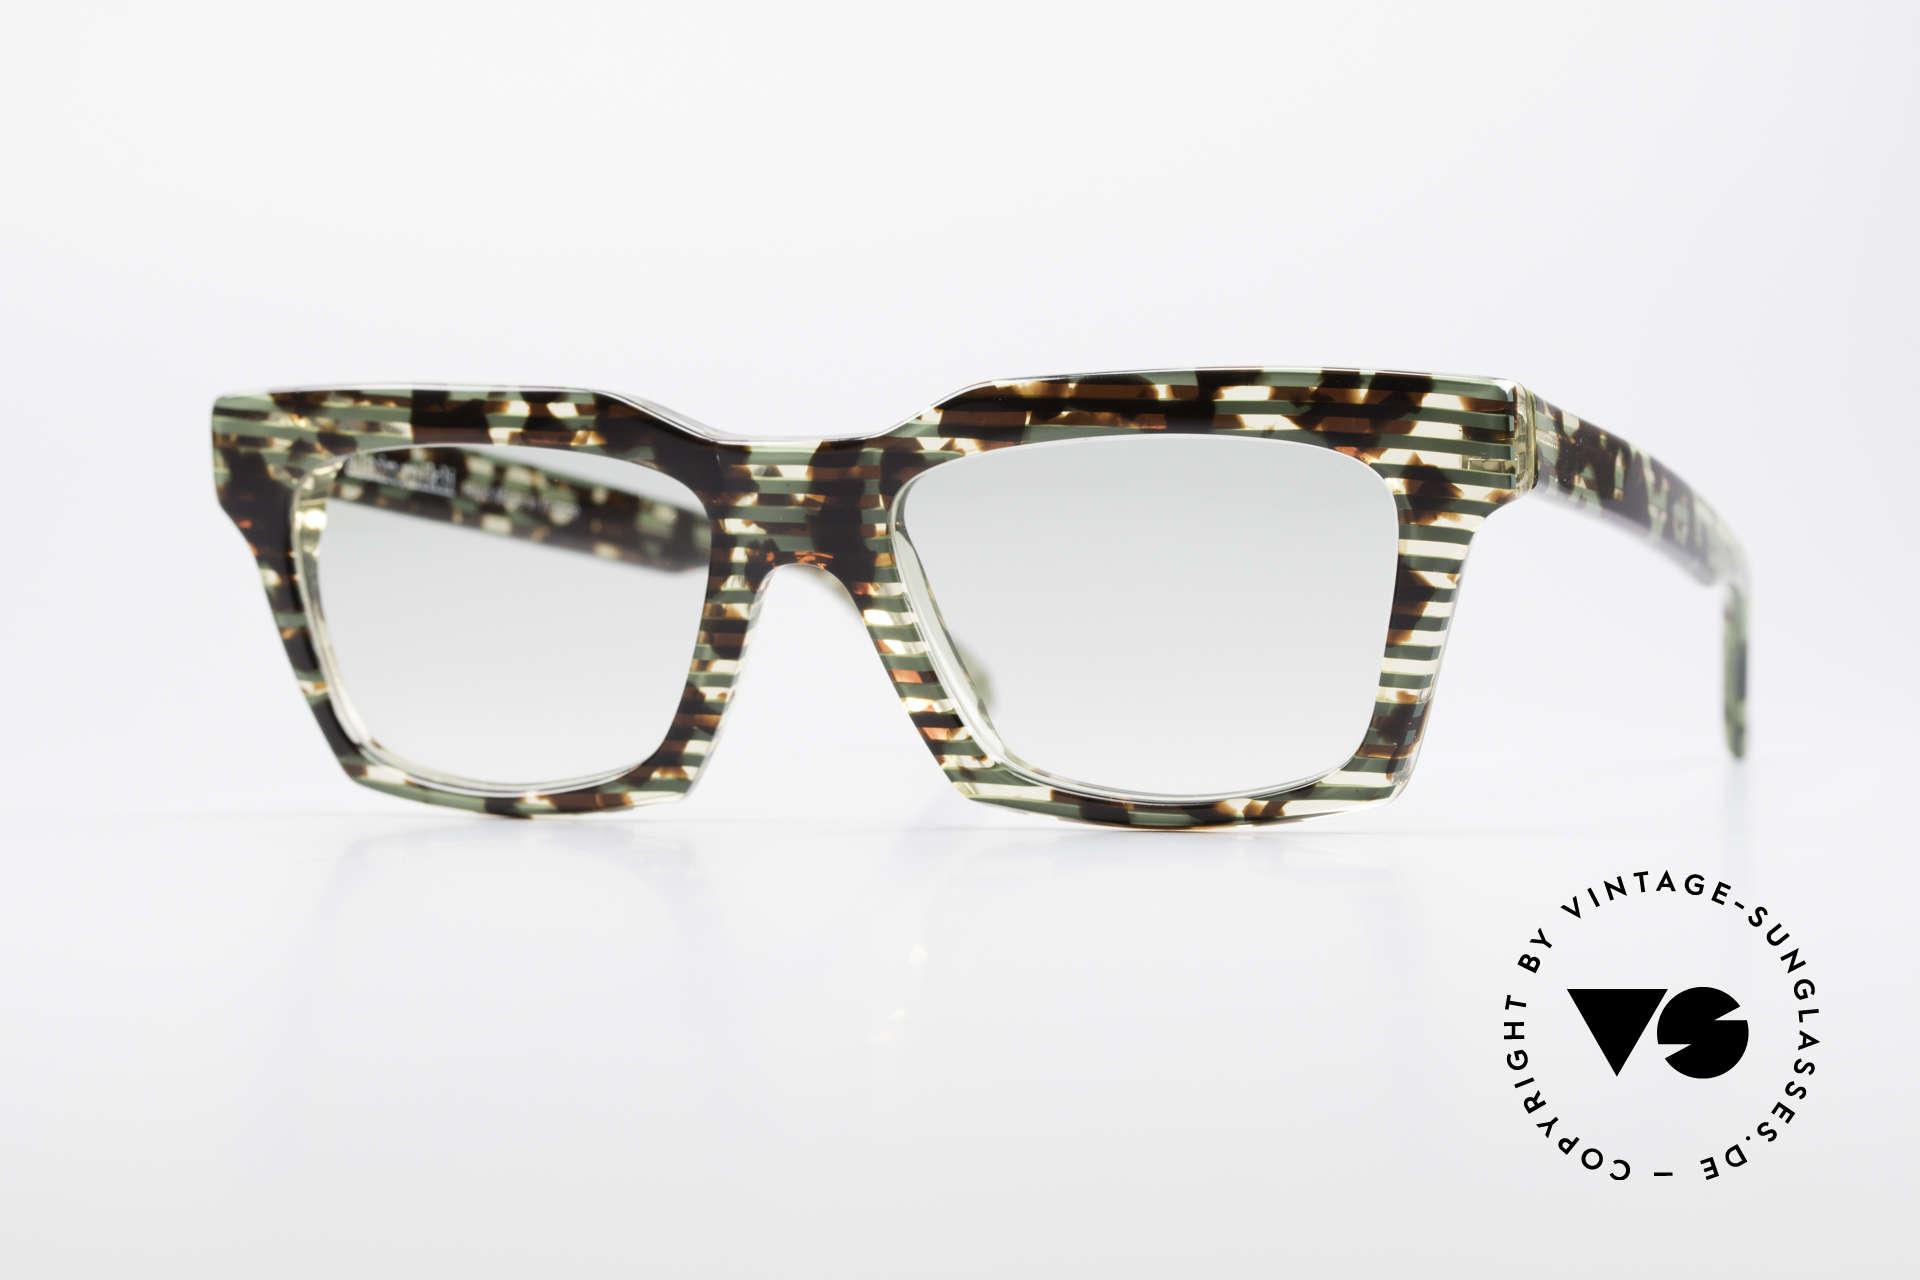 Alain Mikli 710 / 825 Außergewöhnliche Fassung, ALAIN MIKLI vintage Designer-Sonnenbrille von 1986, Passend für Herren und Damen